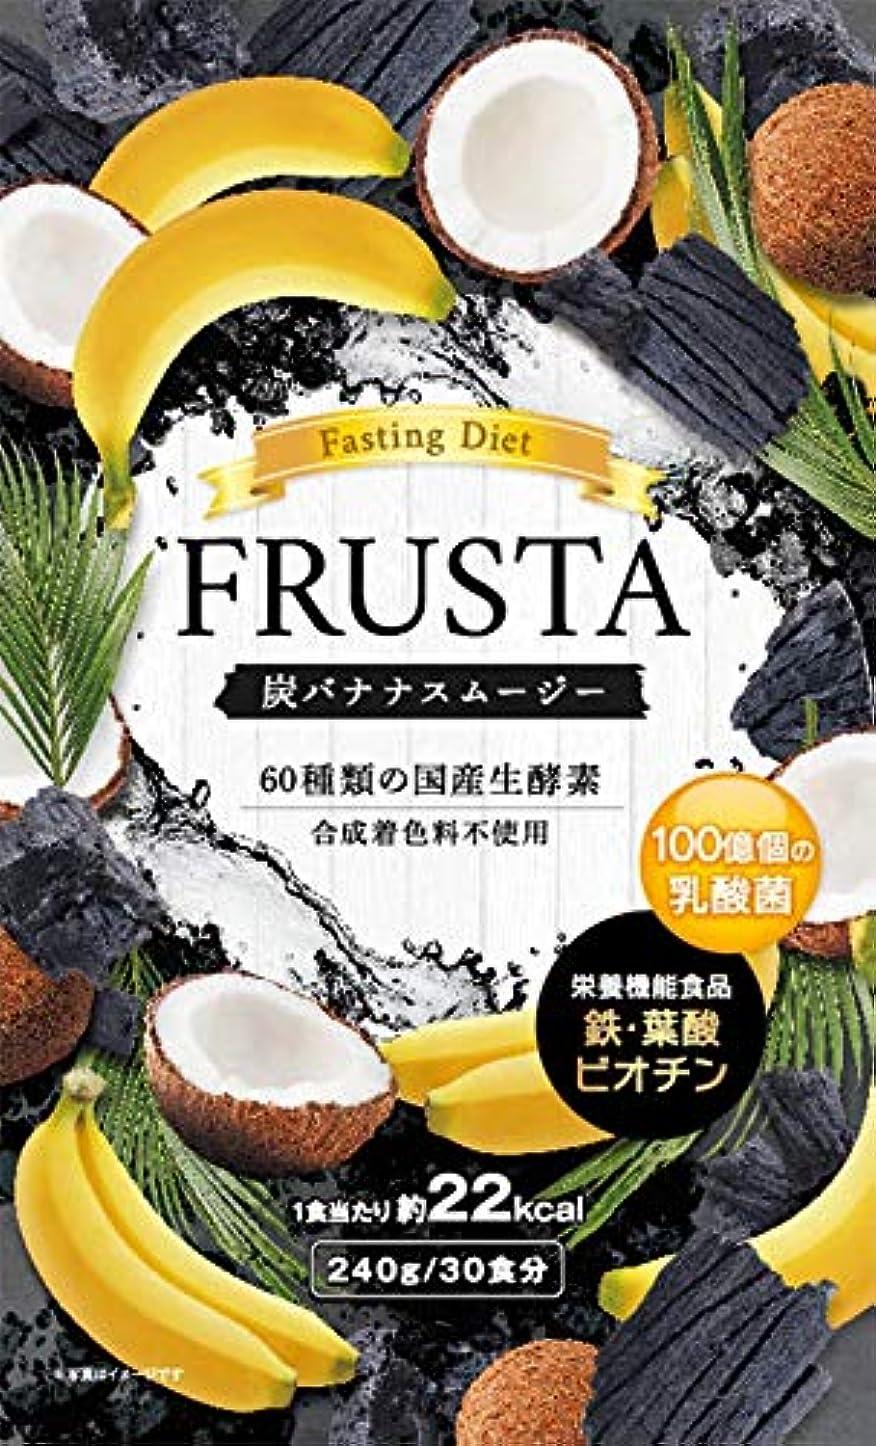 明快ドレス限られたFRUSTA 置き換え ダイエット スムージー 酵素 30食分